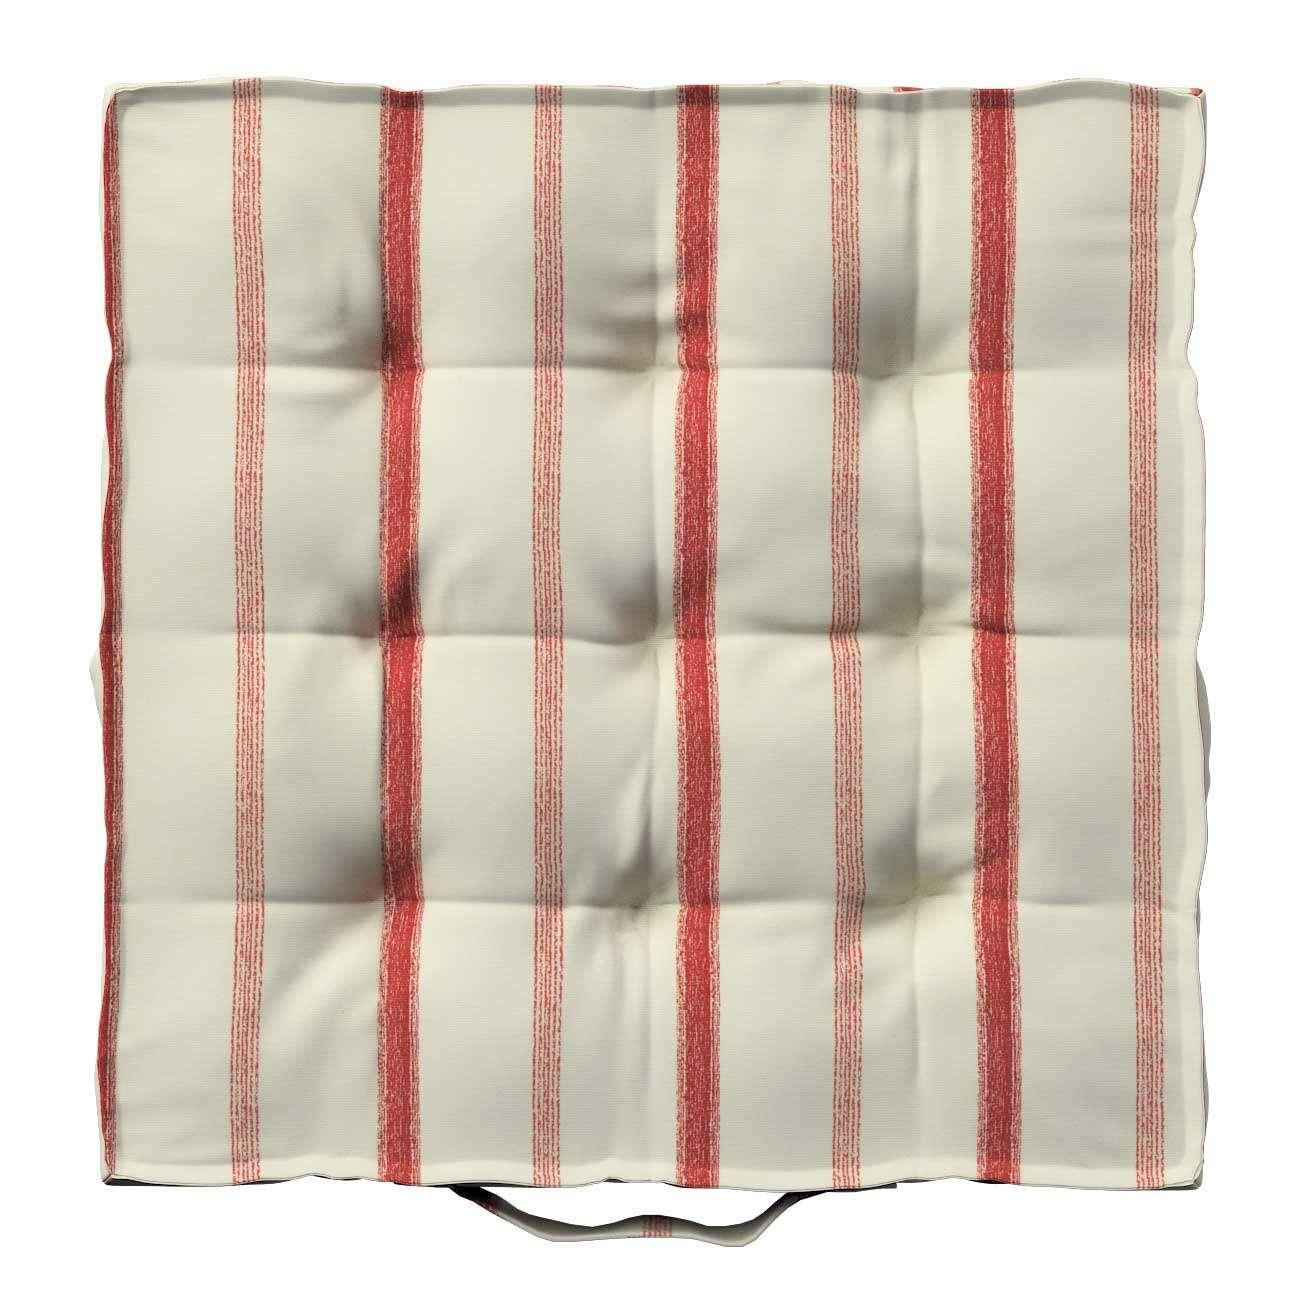 Siedzisko Kuba na krzesło 40x40x6cm w kolekcji Avinon, tkanina: 129-15